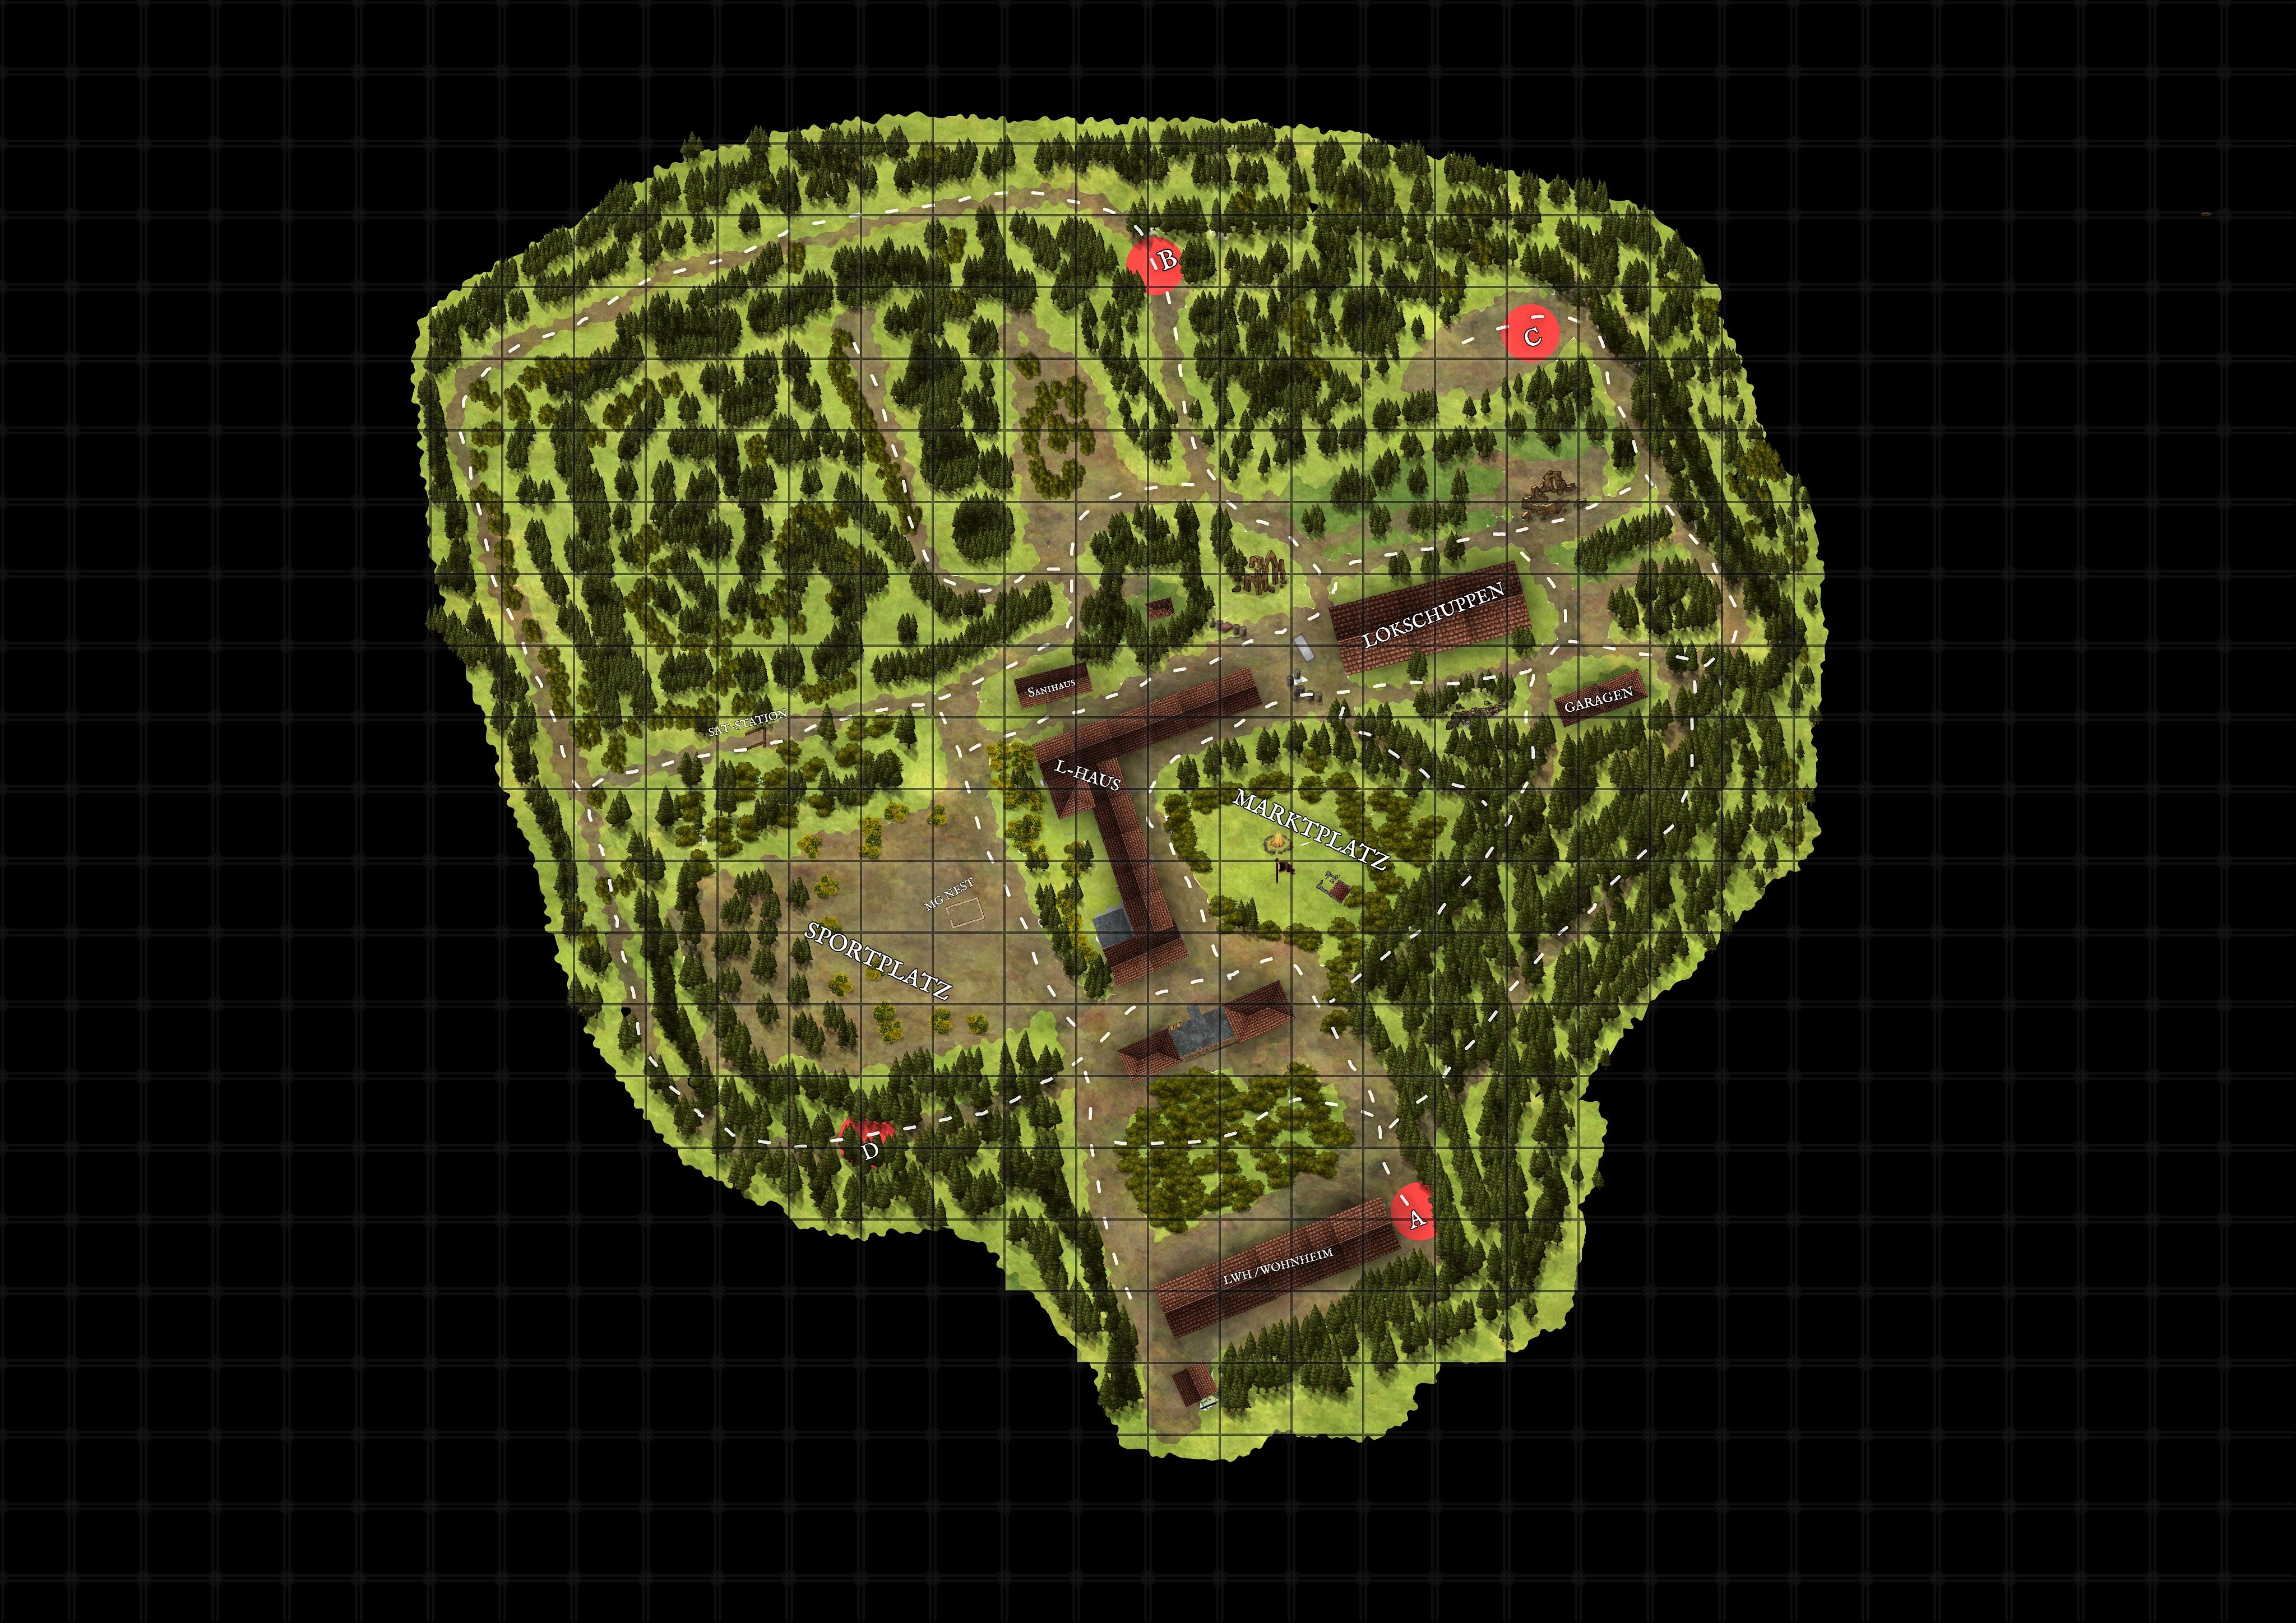 plessa-karte.jpg